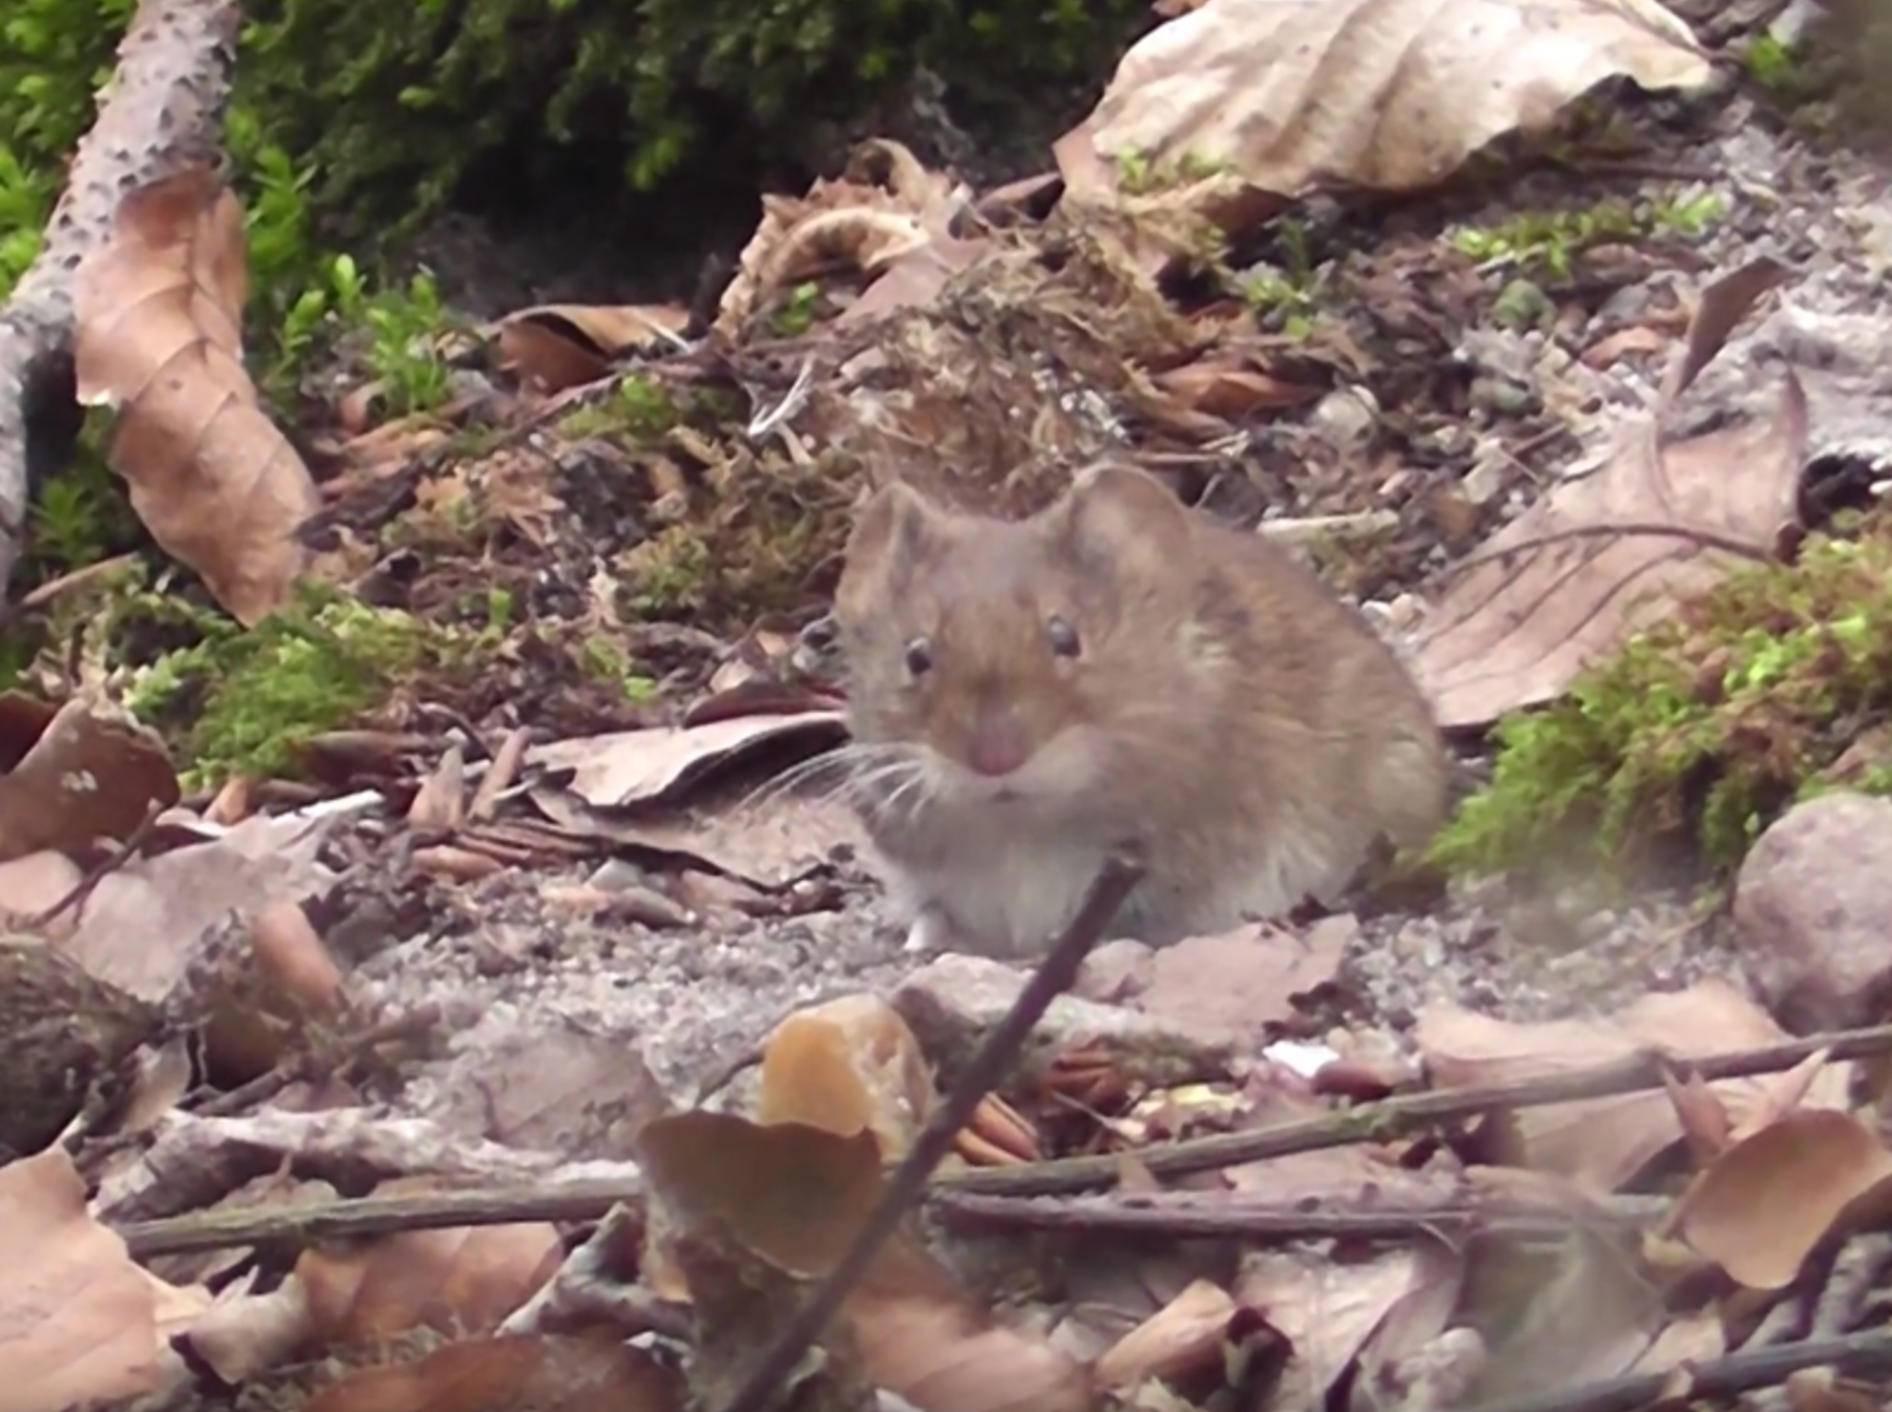 Niedliche Maus im Wald tut sich an Bucheckern gütlich – YouTube/mbhsug